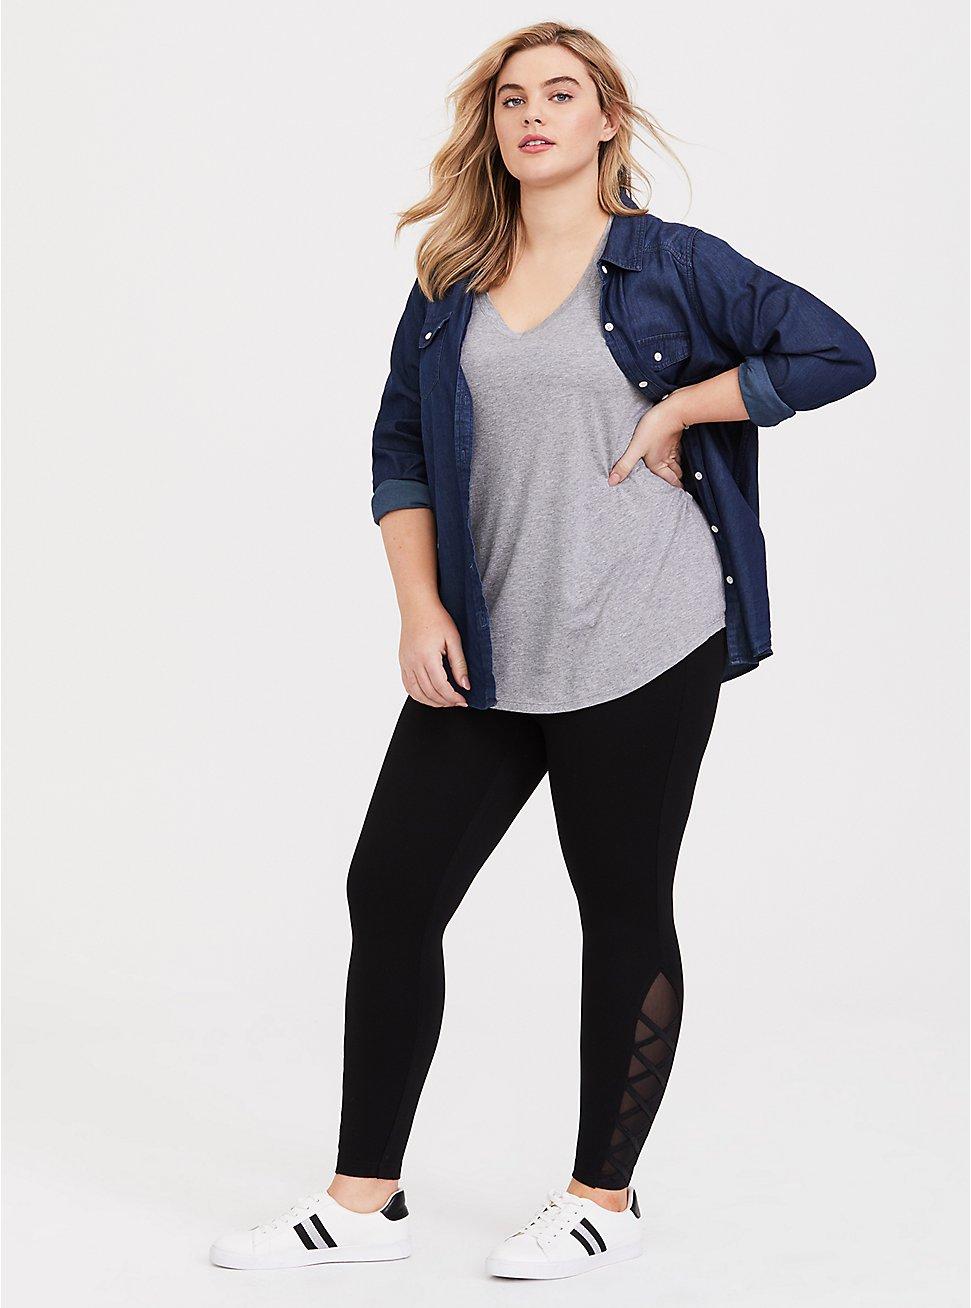 Plus Size Black Ponte Lattice Luxe Legging, DEEP BLACK, hi-res